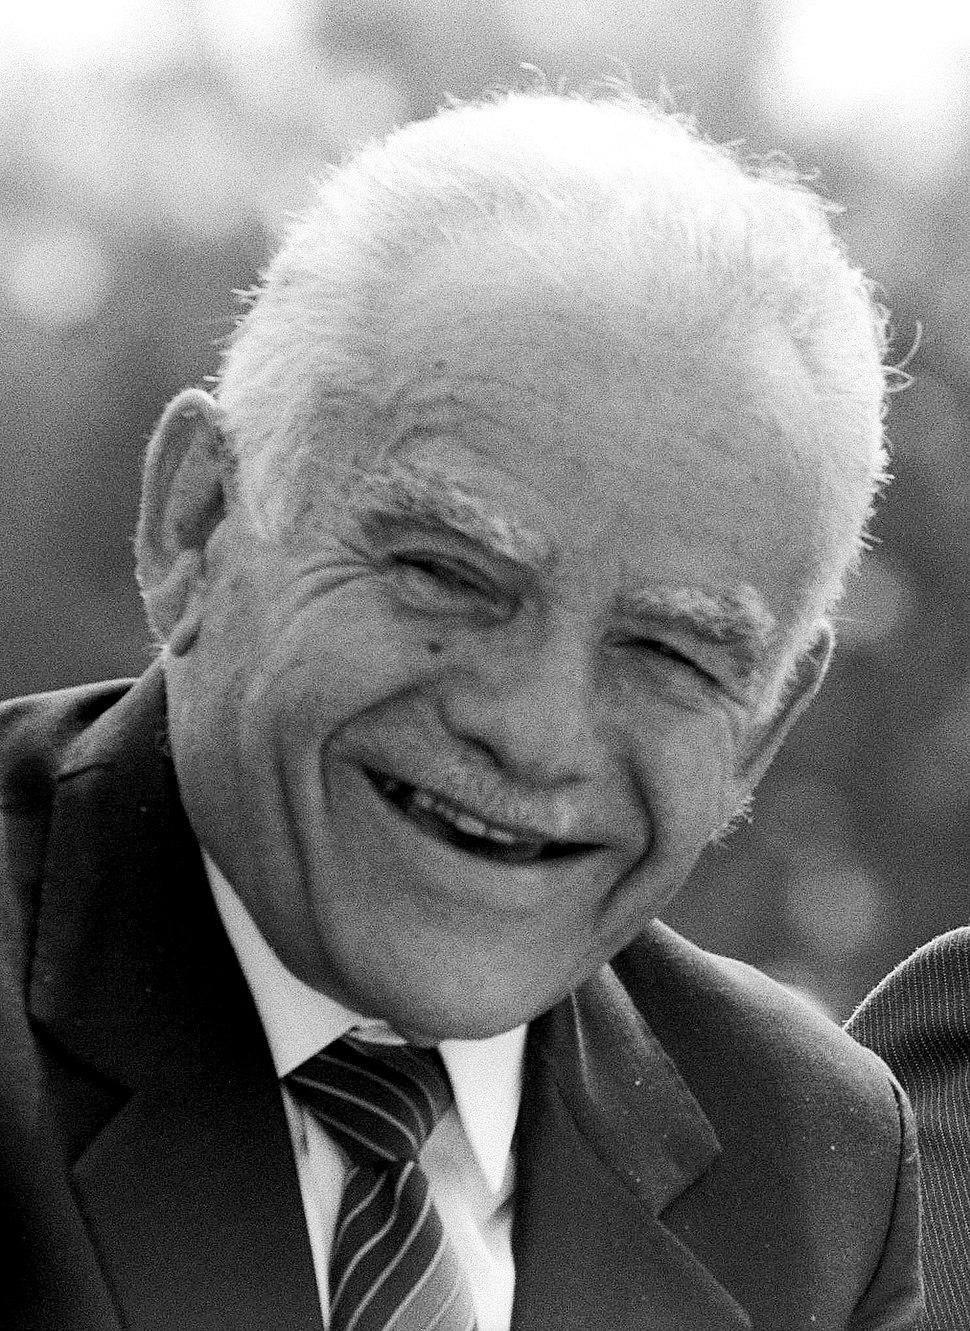 יצחק שמיר בשנת 1988